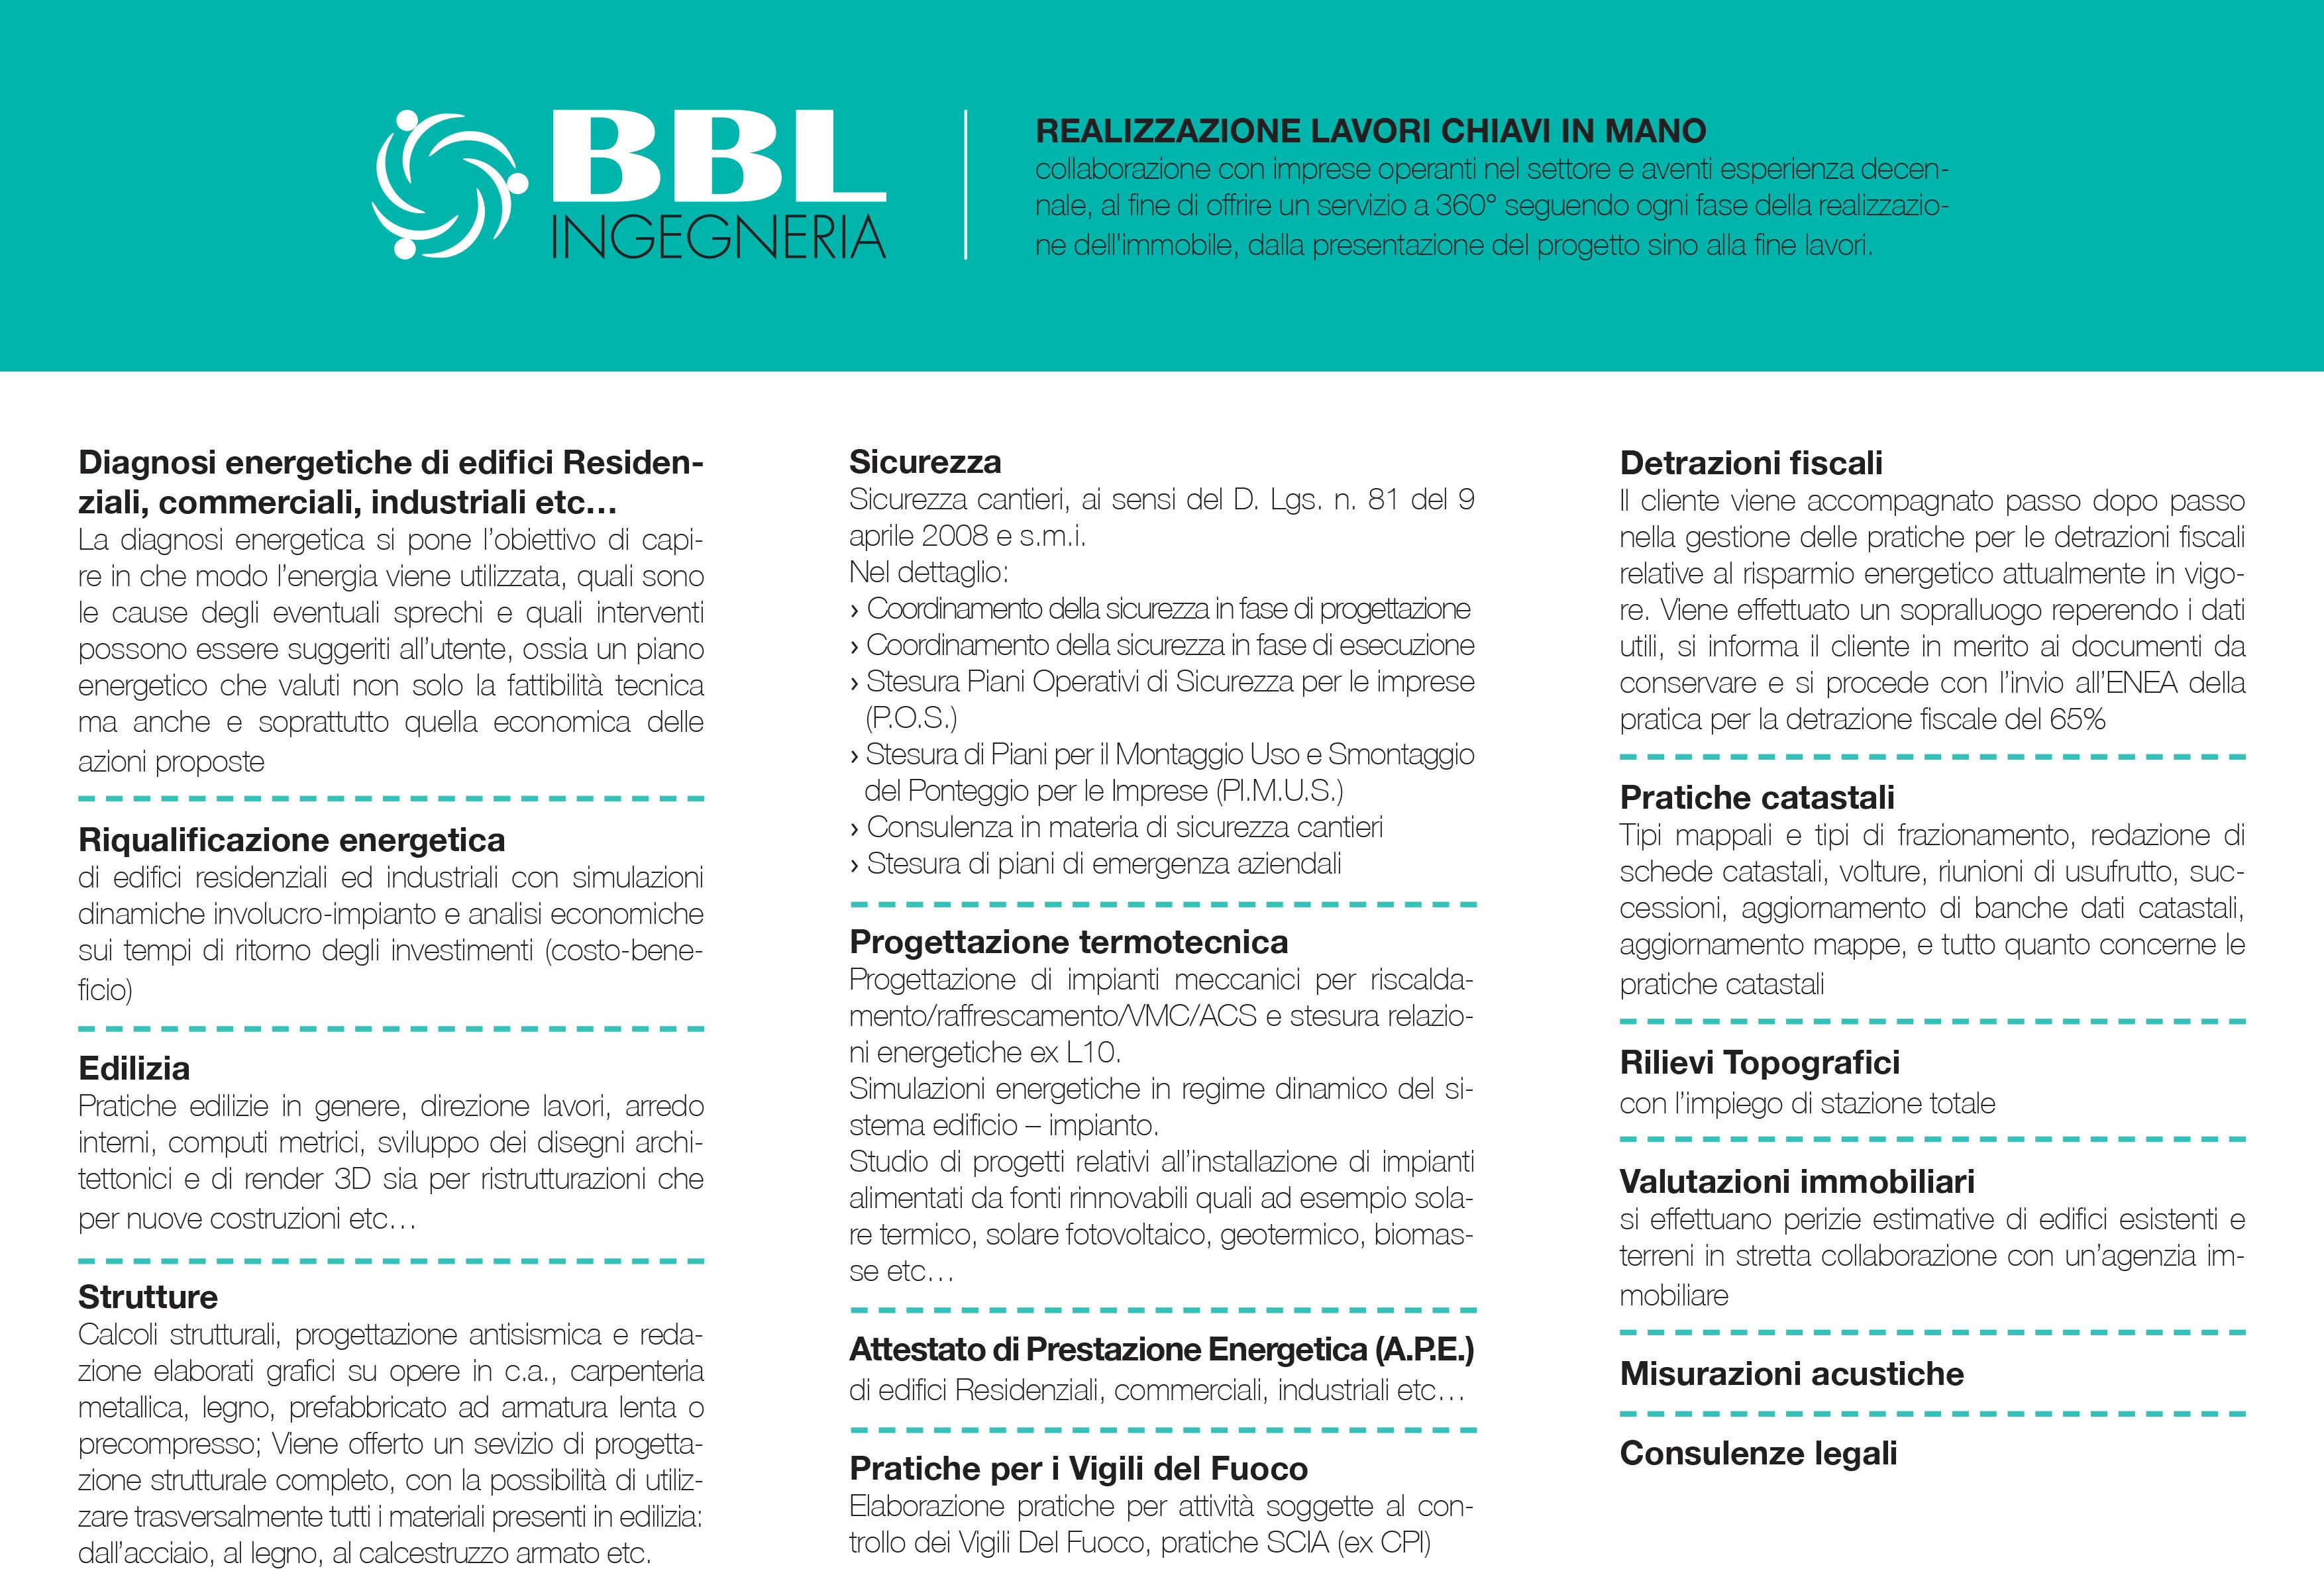 http://www.bn-ingegneria.it/wp-content/uploads/2016/02/pieghevole_BBL_Balini-2.jpg